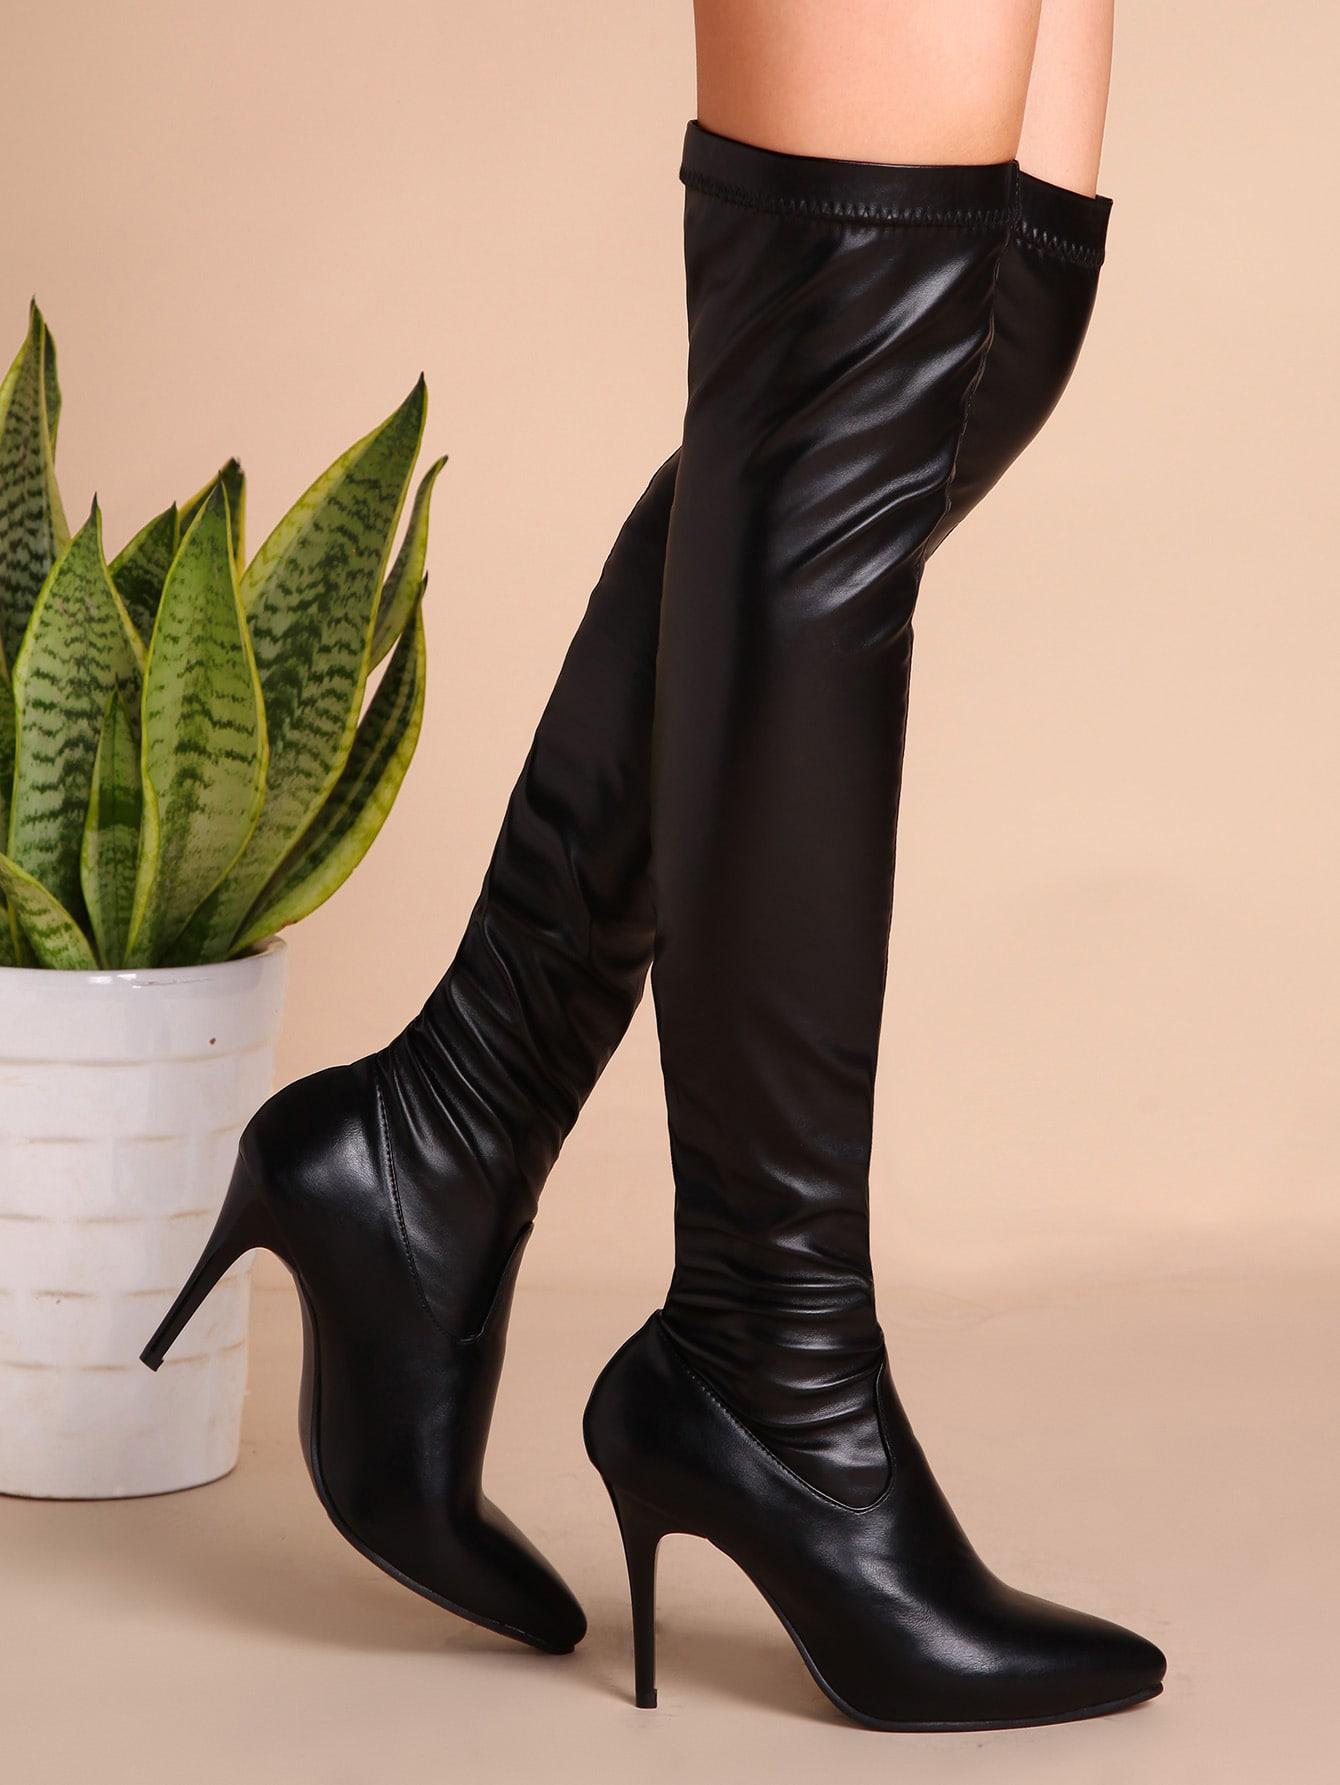 shoes161017815_2